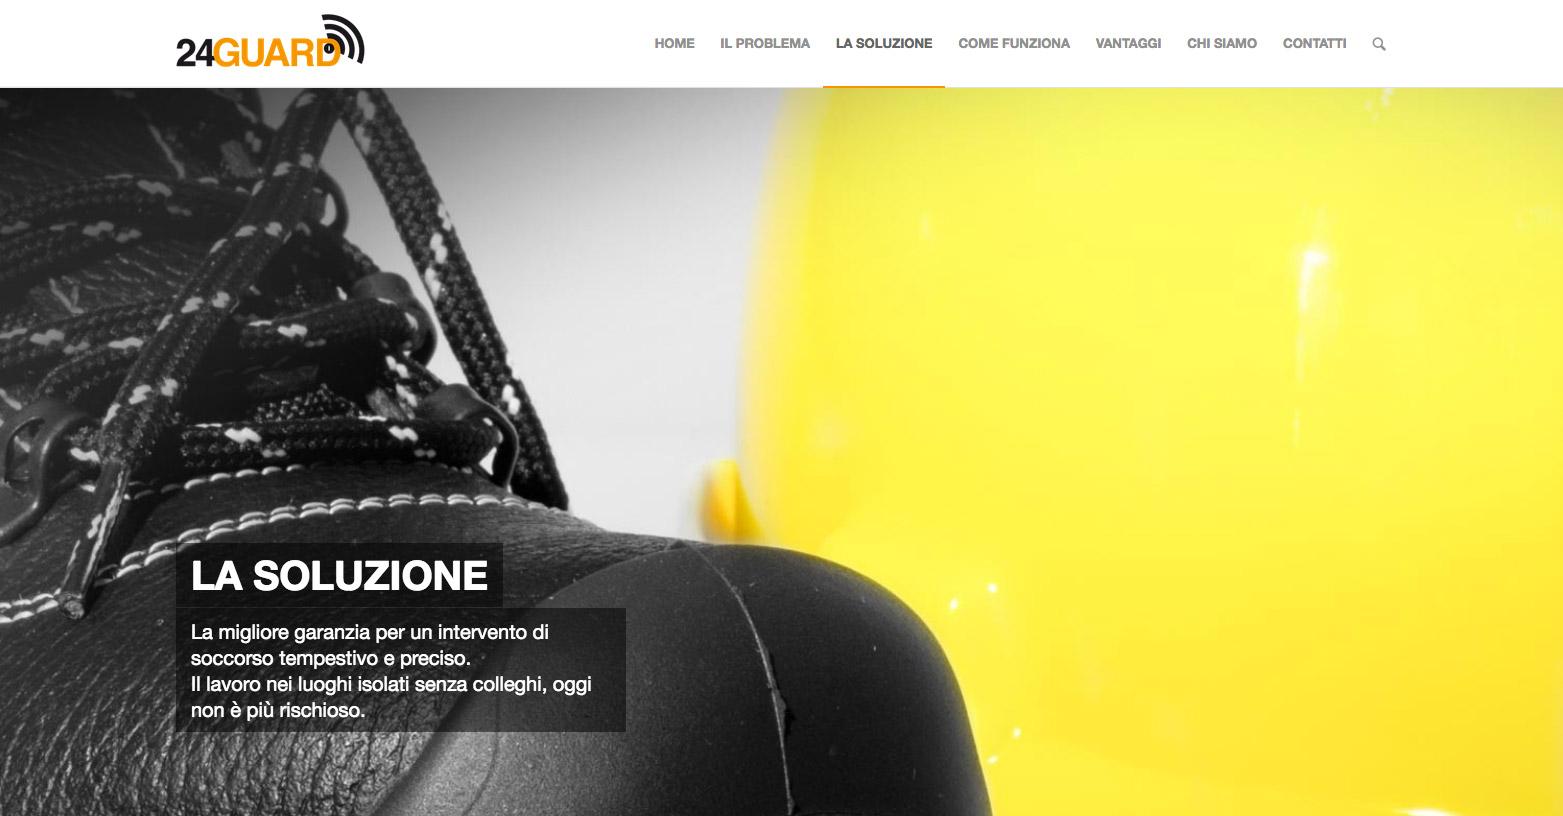 24guard Web Design